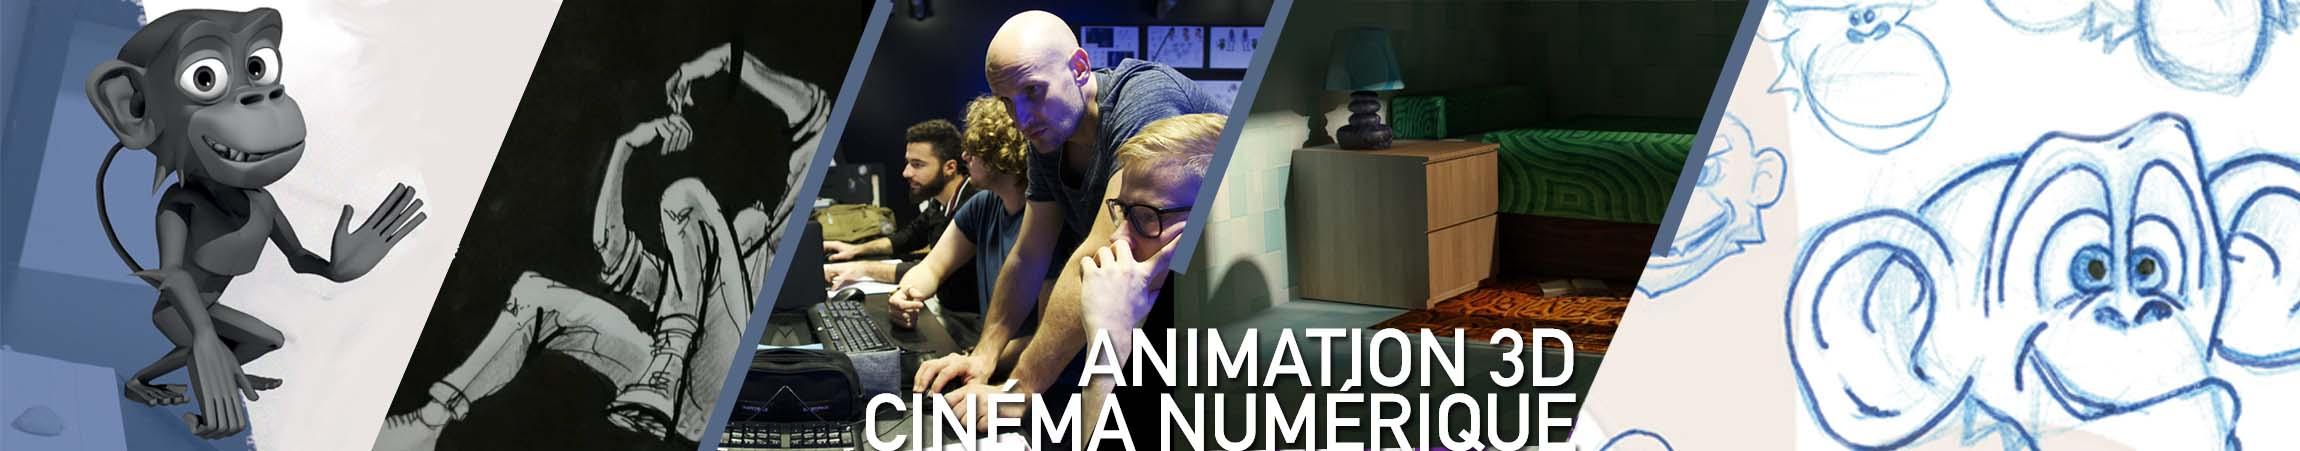 Comart-Design-Paris-Formation-Animation-3D